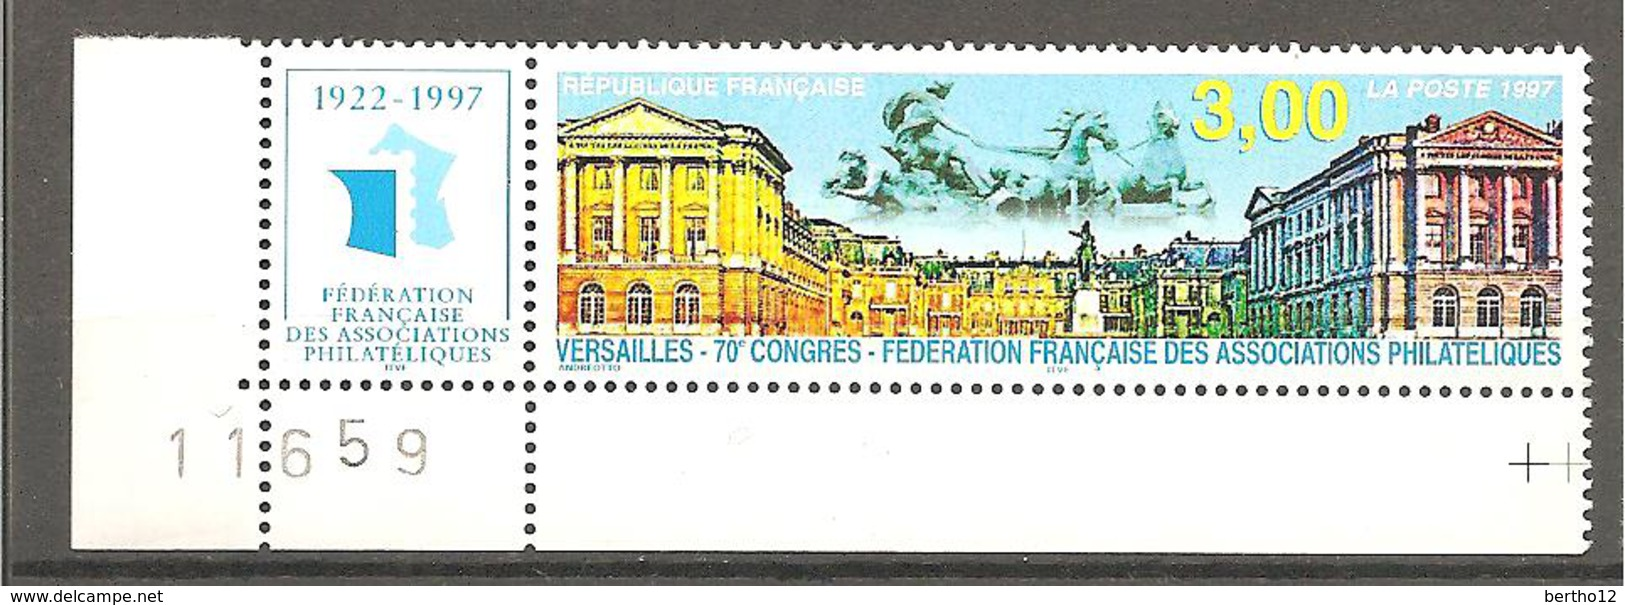 France - 1997 - Versailles - 70e Congrès Fédération Française Des Associations - Frankreich